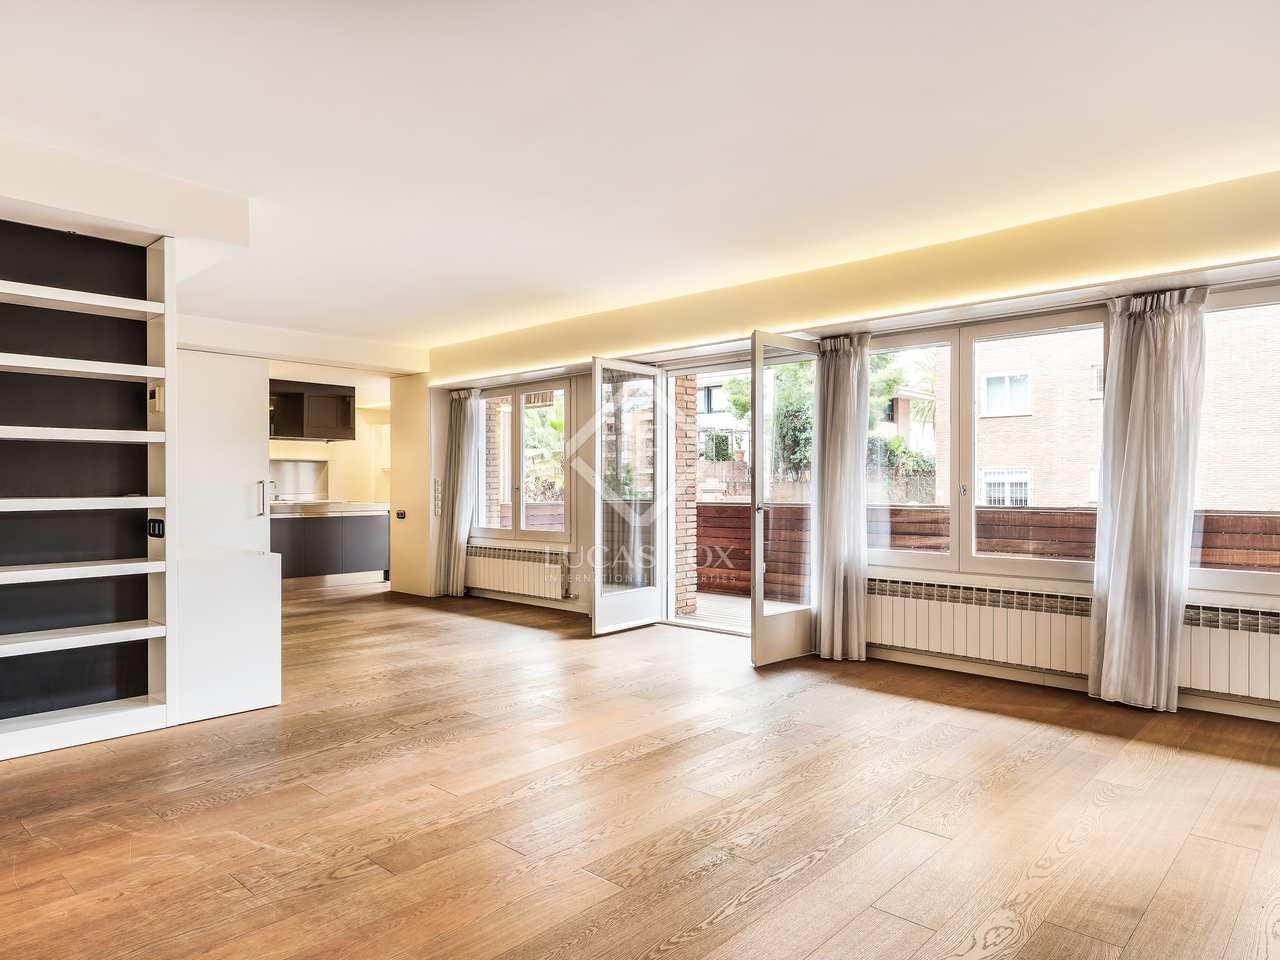 Piso de 208 m con terraza en venta en sant gervasi - Compro piso en madrid zona centro ...